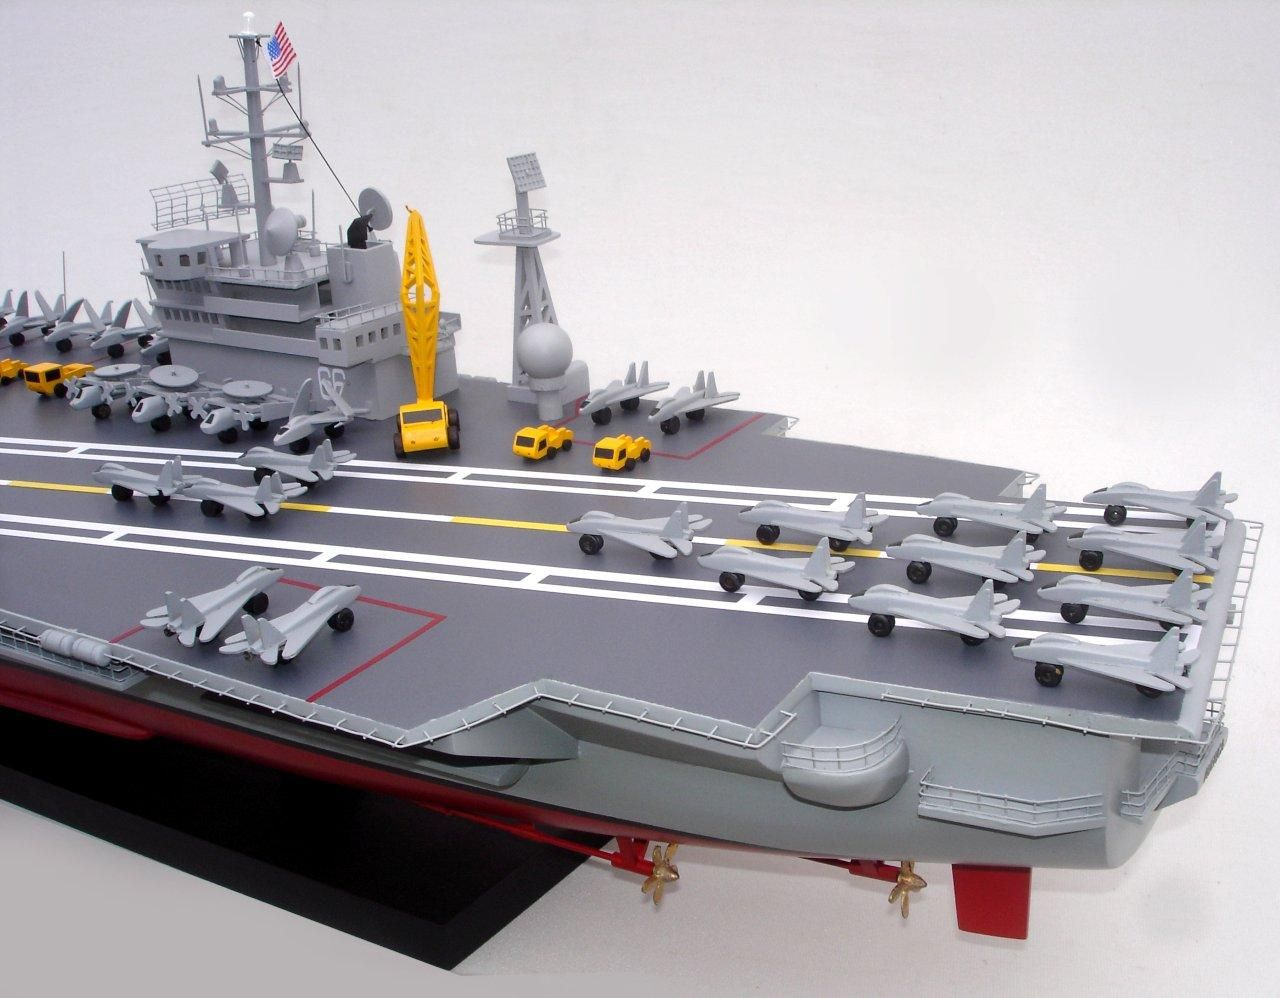 1944-12495-Aircraft-Carrier-Uss-America-CV-66-ship-model